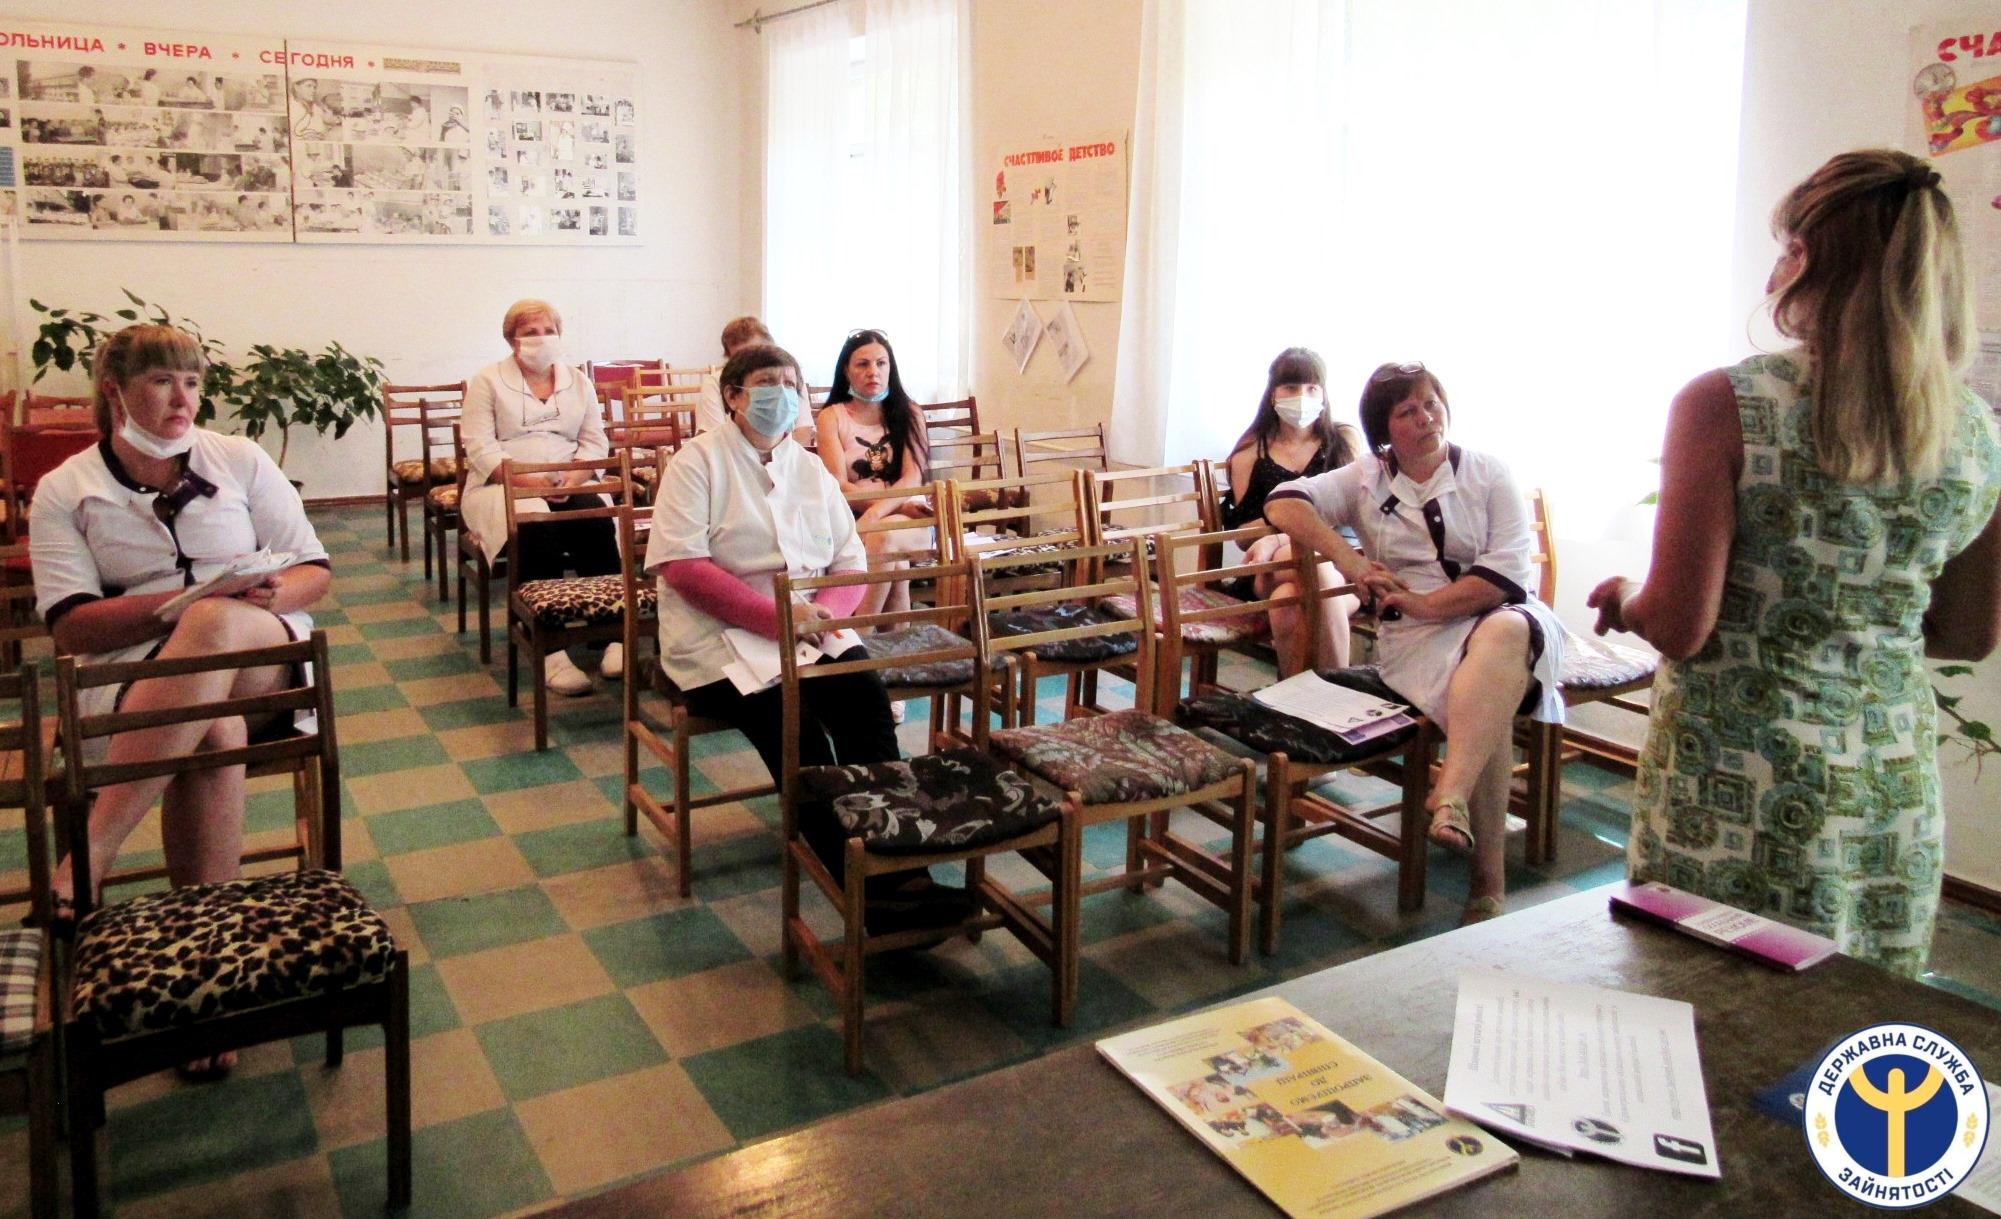 В Олександрії відбувся семінар з працівниками дитячої лікарні, попередженими про майбутнє вивільнення